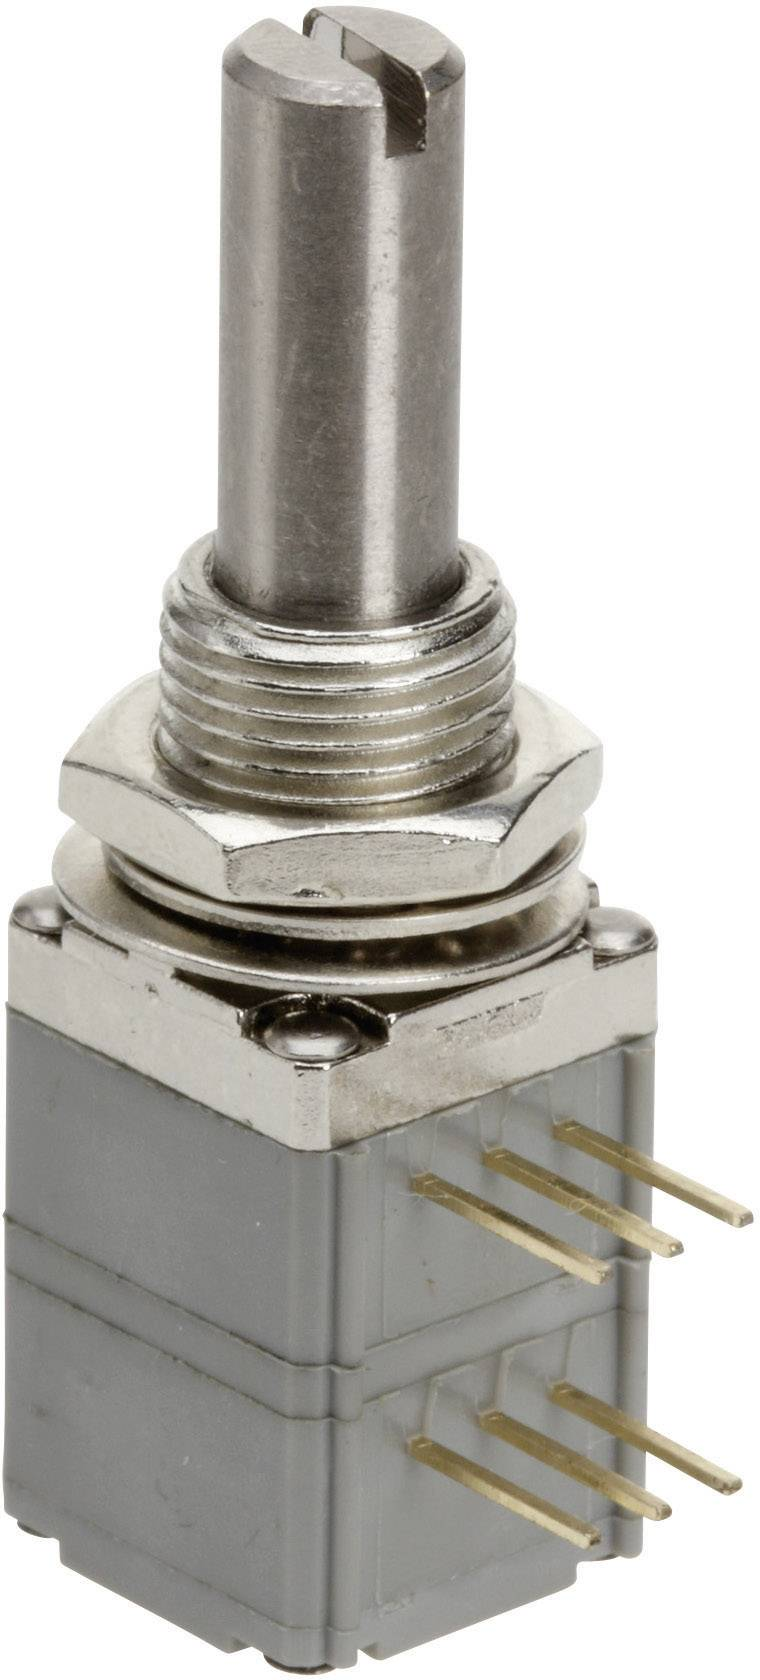 Presný potenciometer prachotesný mono TT Electronics AB P260P-D2BS4A B-50 KR 4113814960, 50 kOhm, 1 ks